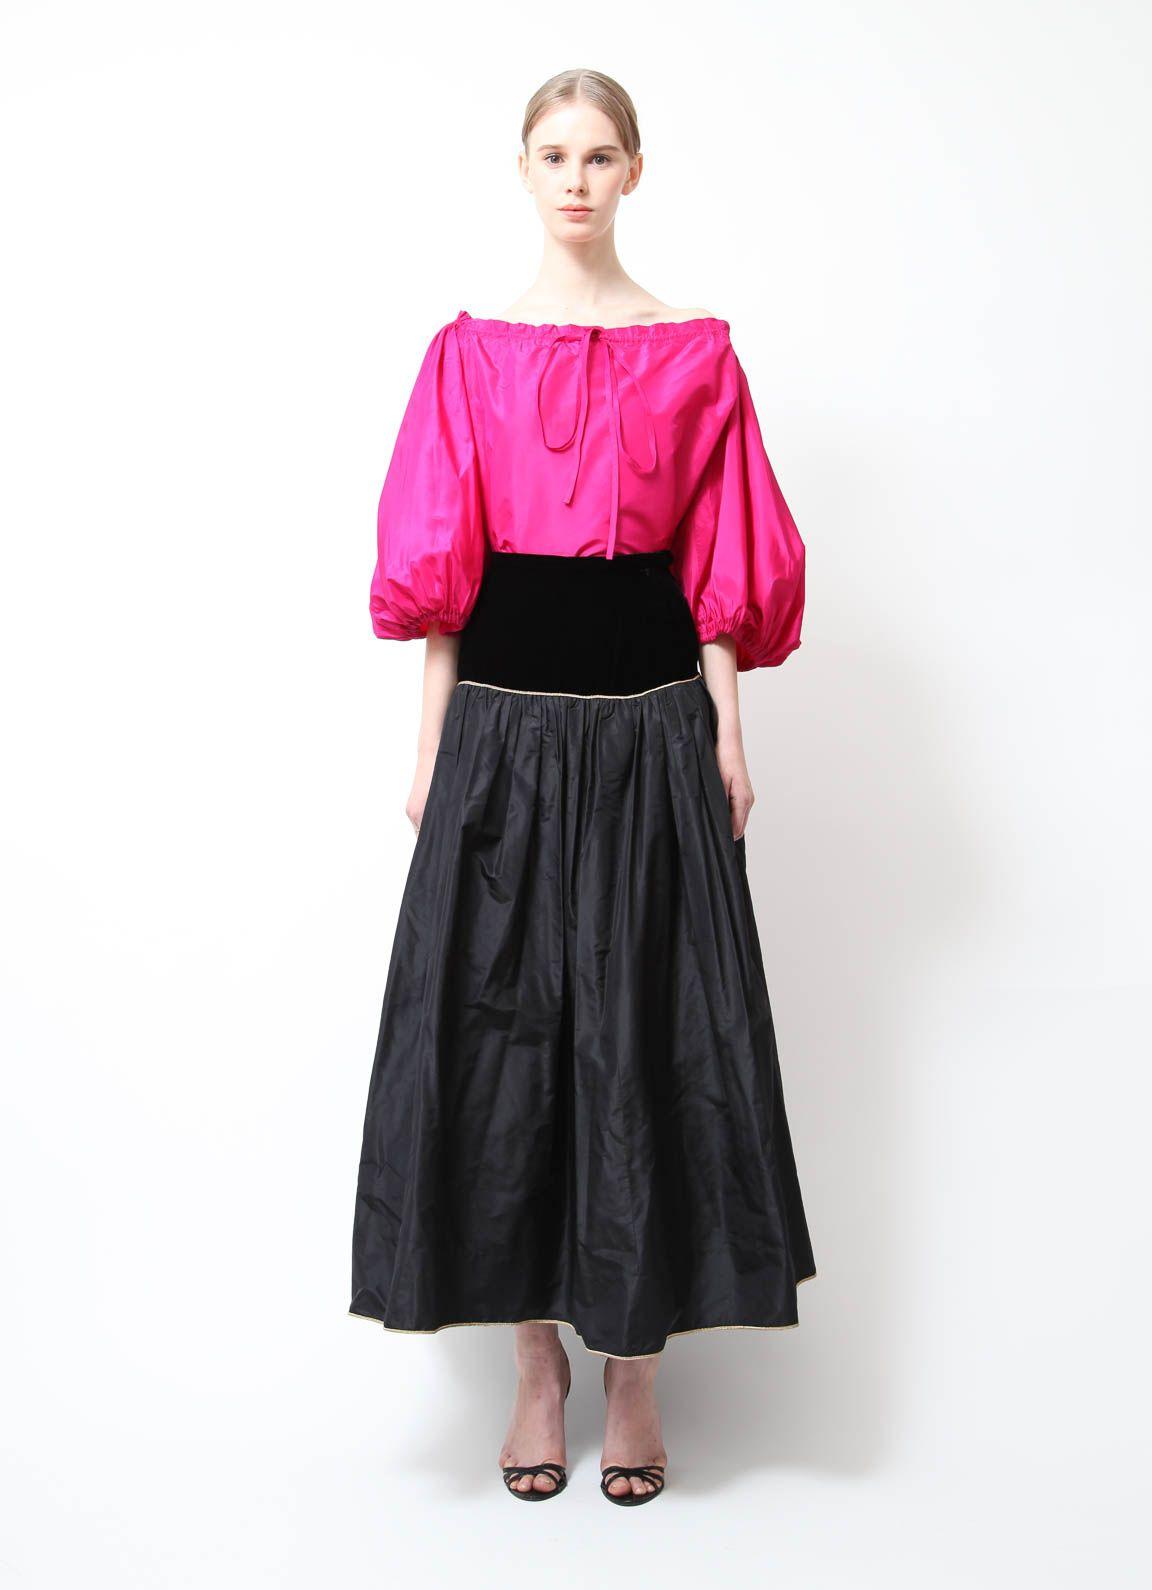 bc84a13c794 Saint Laurent | 1976 Iconic Peasant Ensemble | RESEE Taffeta Skirt, Rive  Gauche, Silk